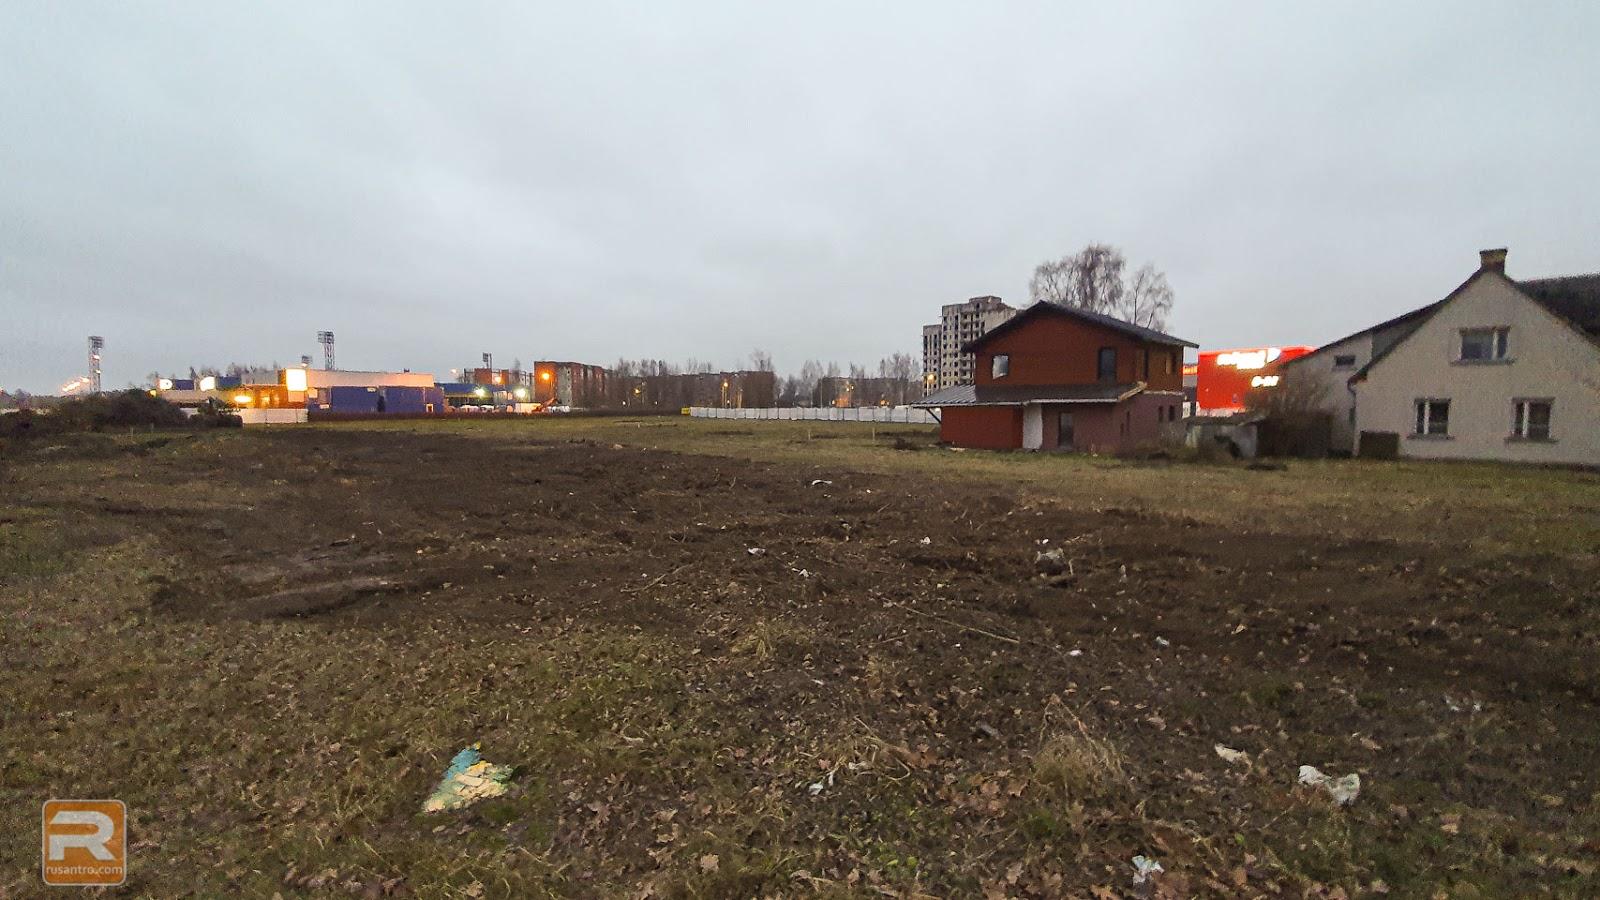 Būvlaukums ar divām pamestām ēkām